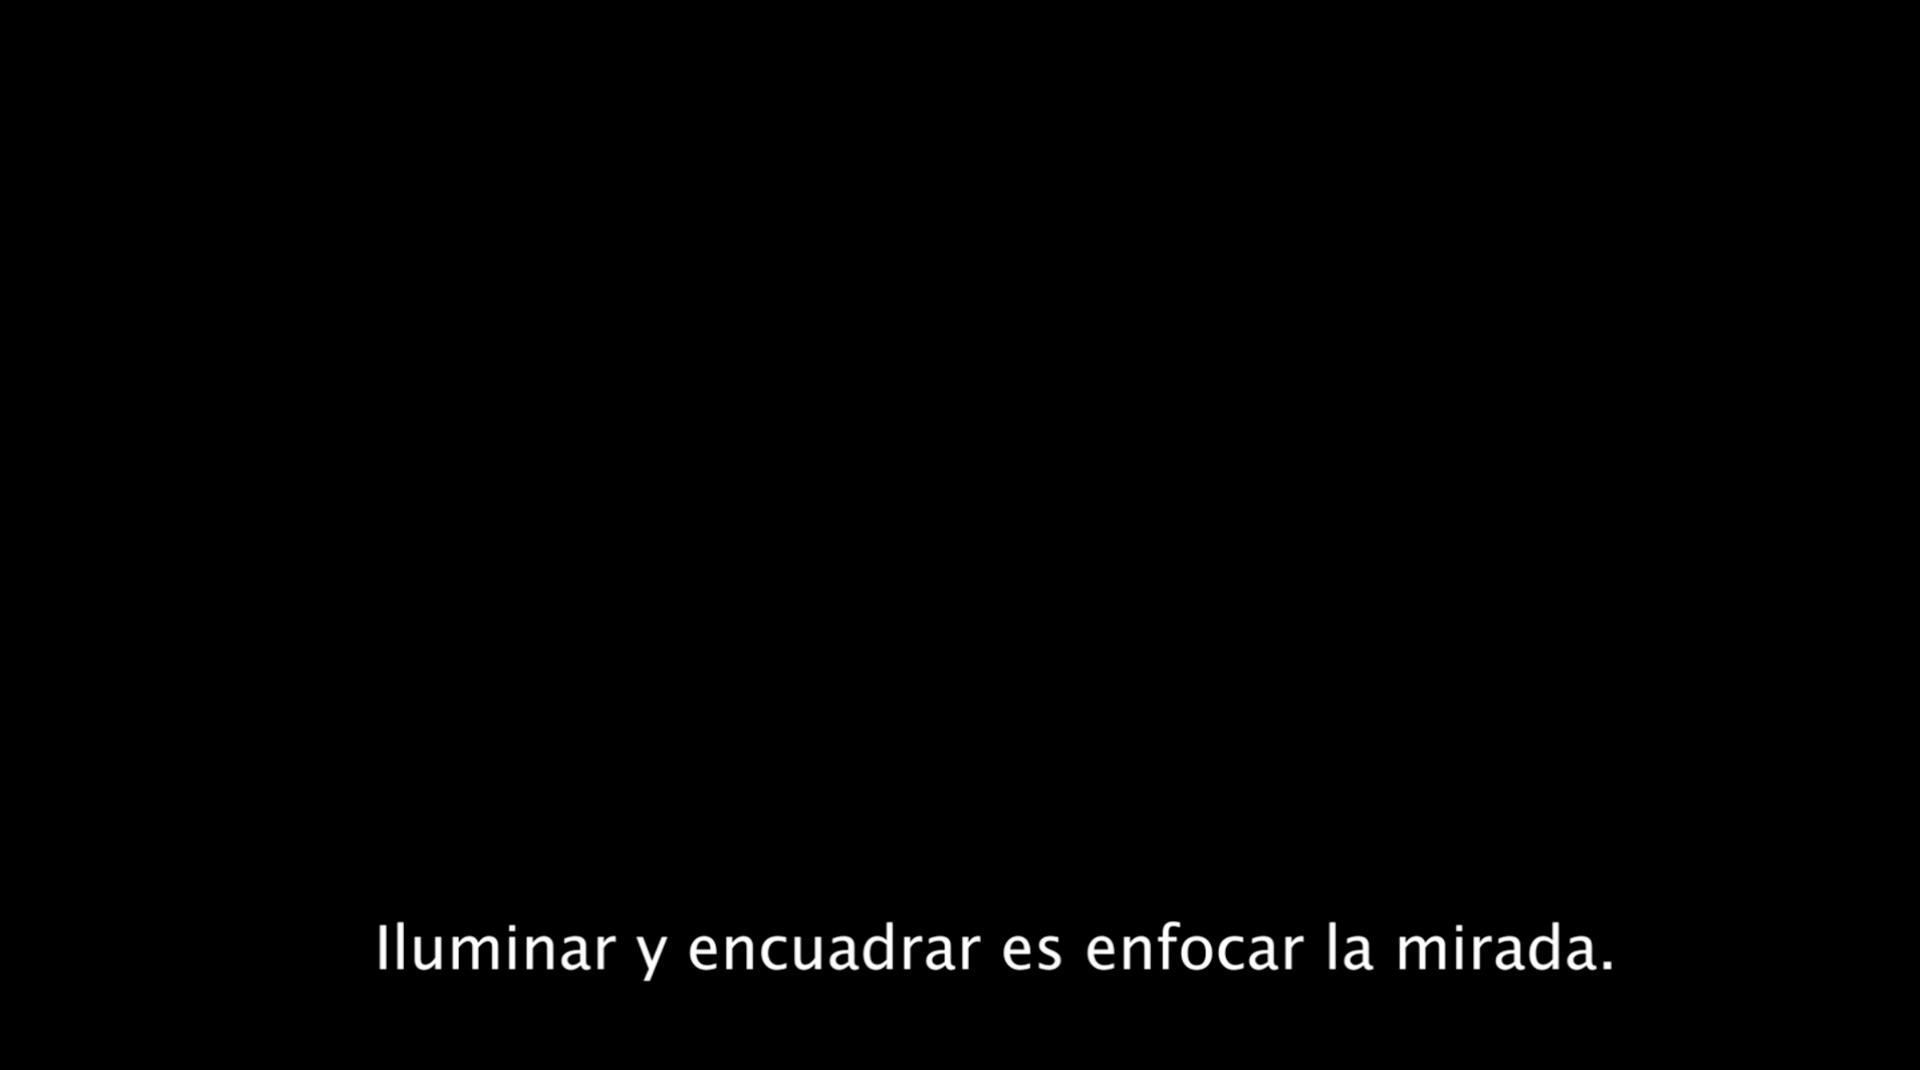 Still de Actos de ilusión (2020), Fabiola Torres-Alzaga, Video HD, 9'. Cortesía de la artista y del MUAC